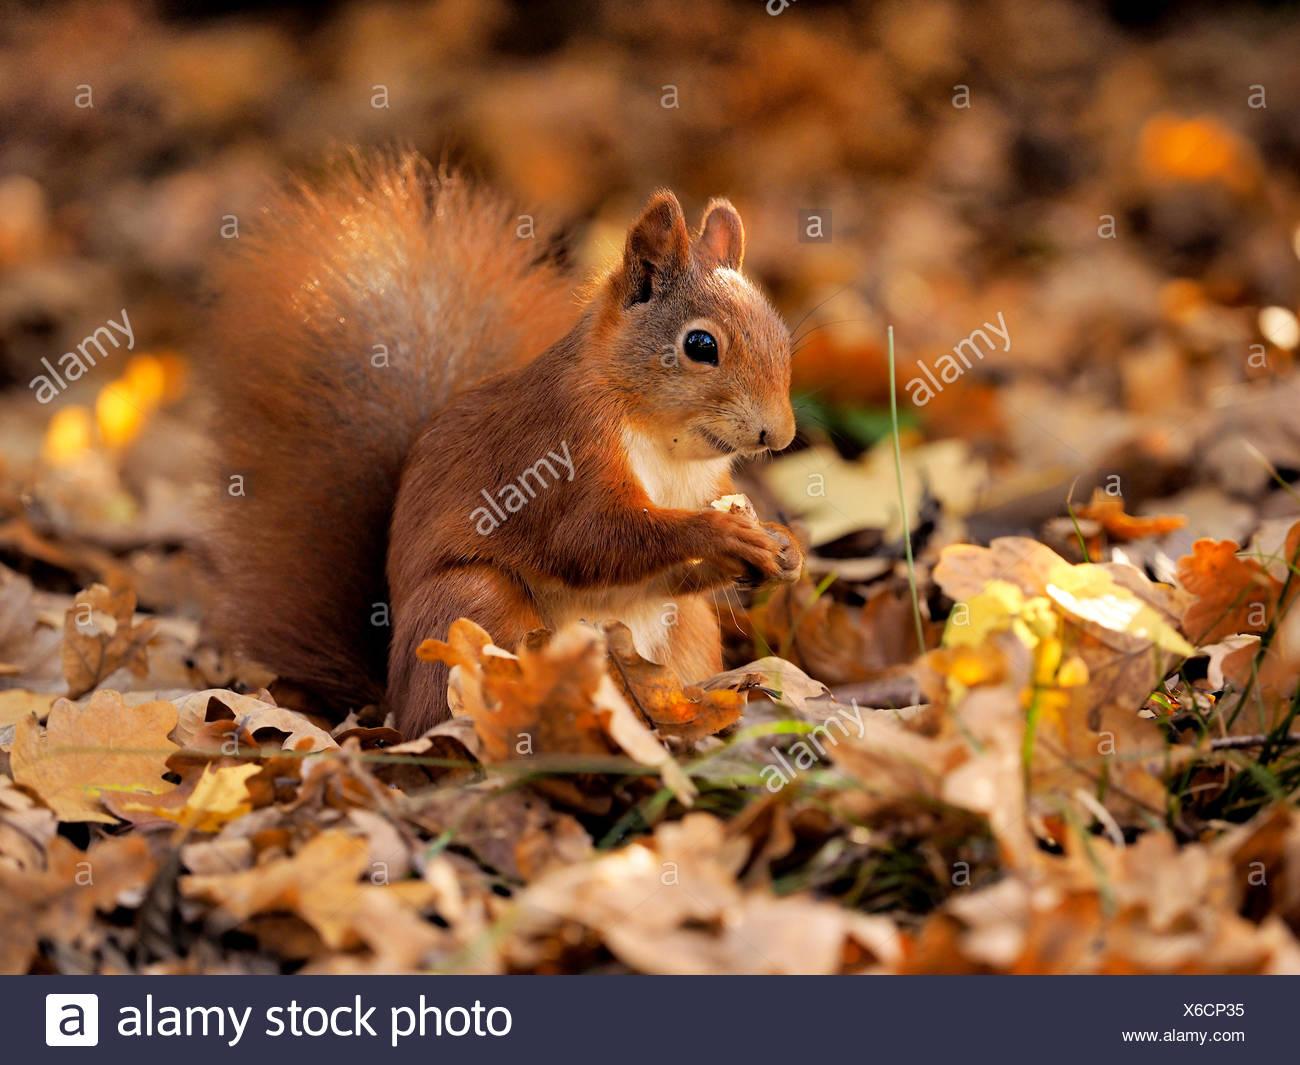 Unione scoiattolo rosso, Eurasian red scoiattolo (Sciurus vulgaris), seduta sul fogliame di autunno e mangiare, Germania, Sassonia Immagini Stock